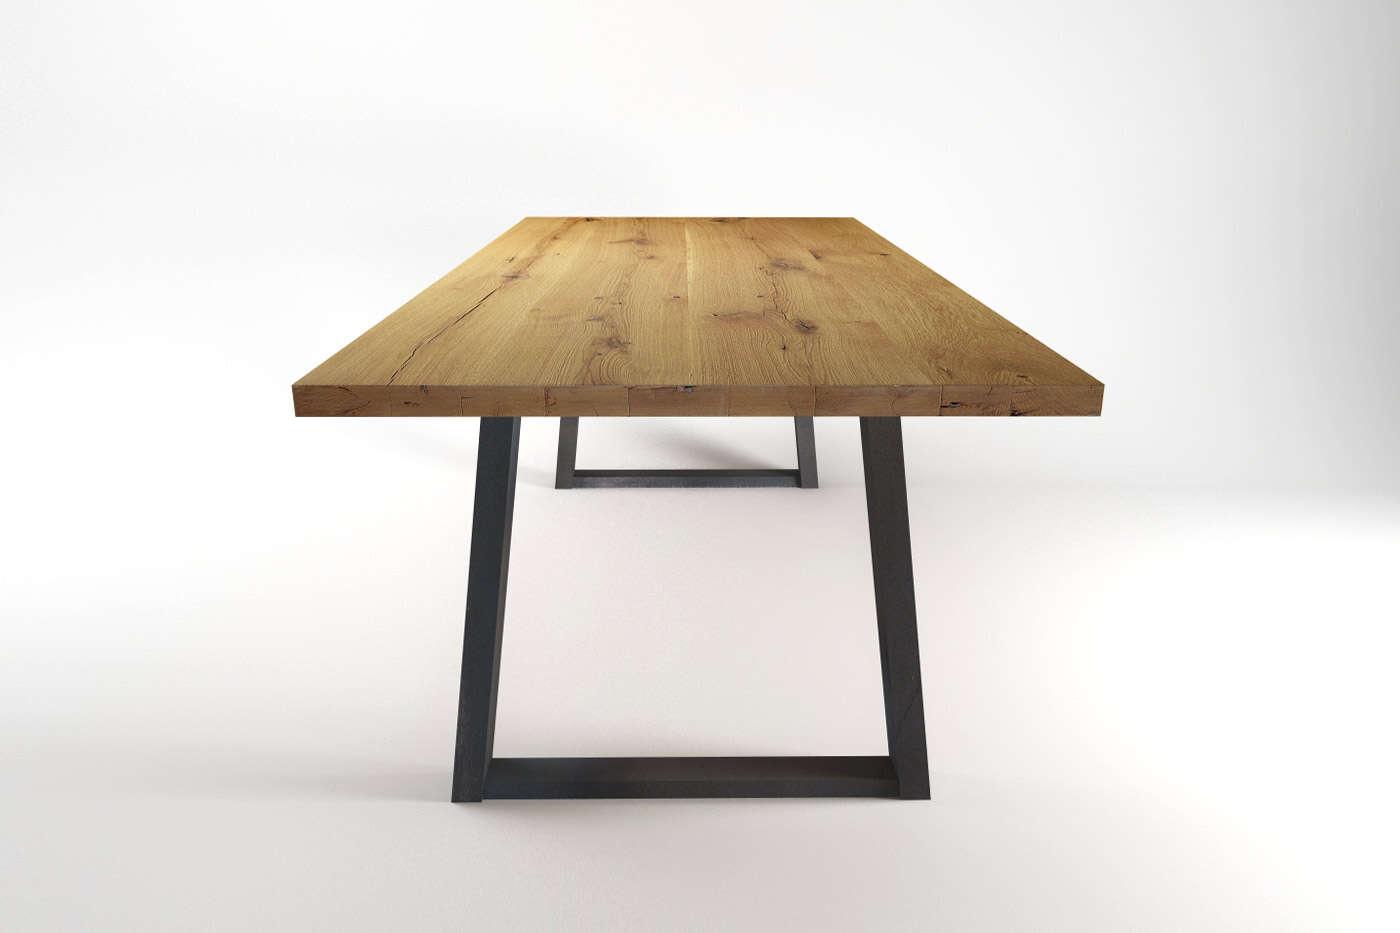 massivholz esstisch eiche larvik. Black Bedroom Furniture Sets. Home Design Ideas